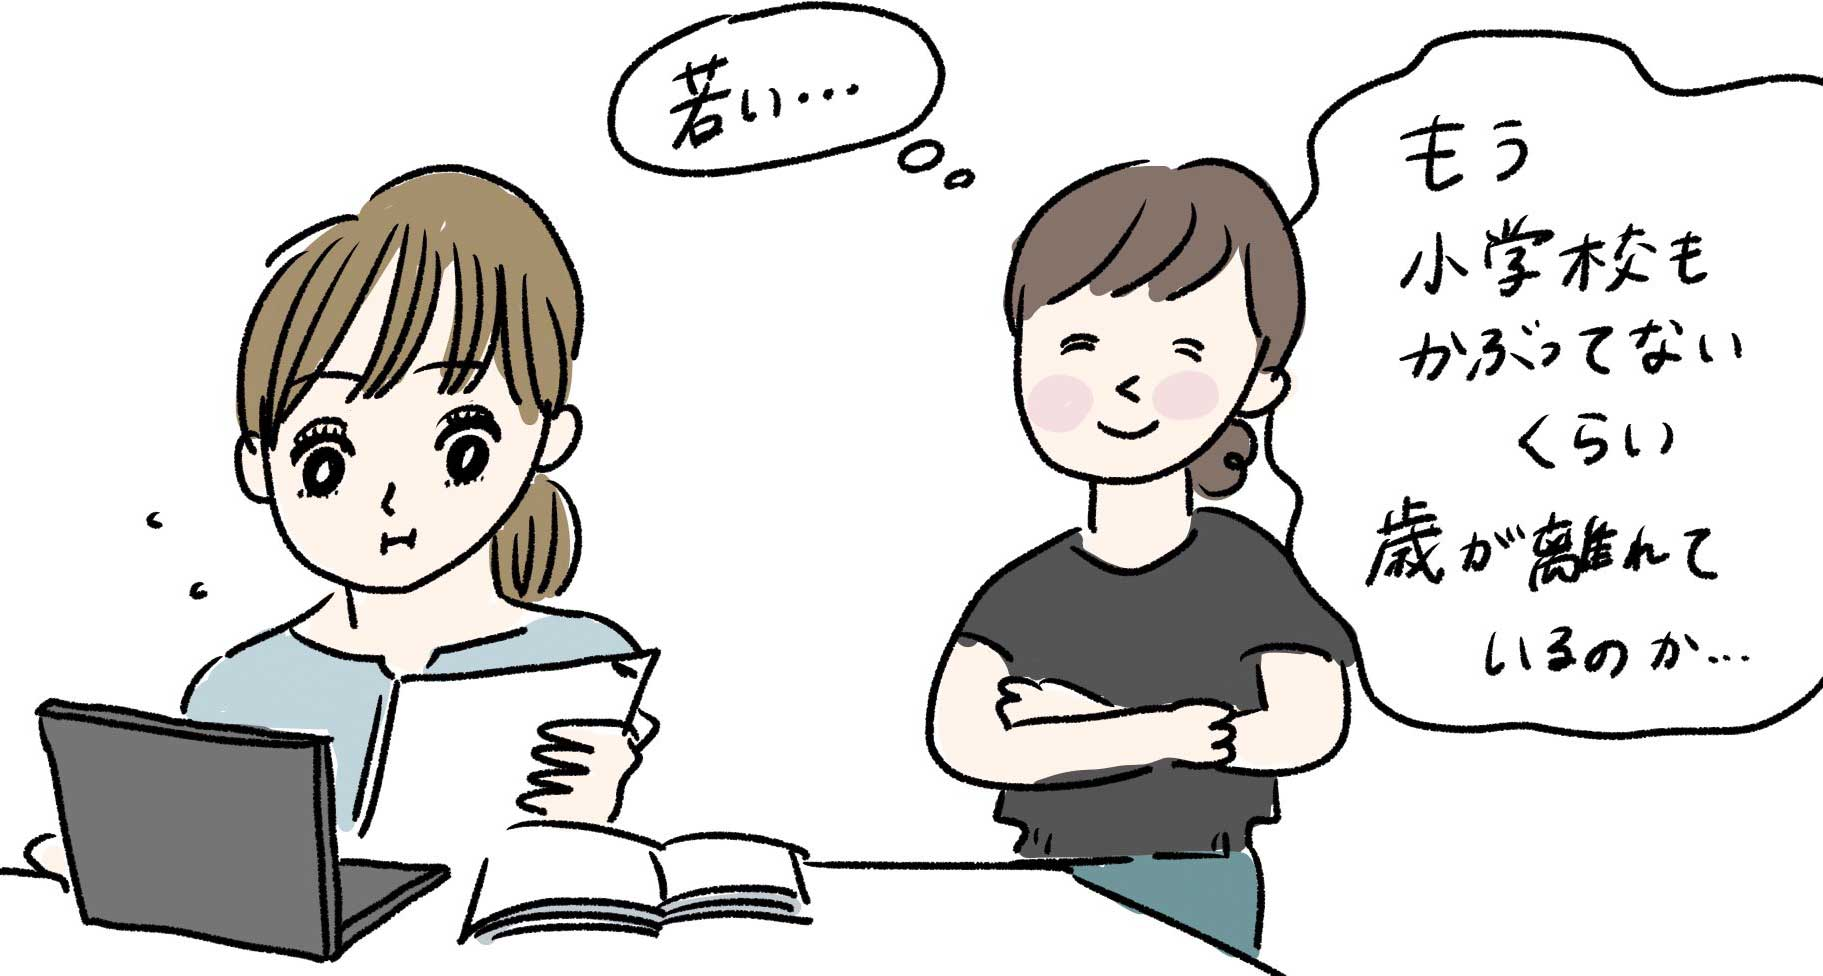 漫画のワンシーン【画像提供:まぼ(@yoitan_diary)さん】